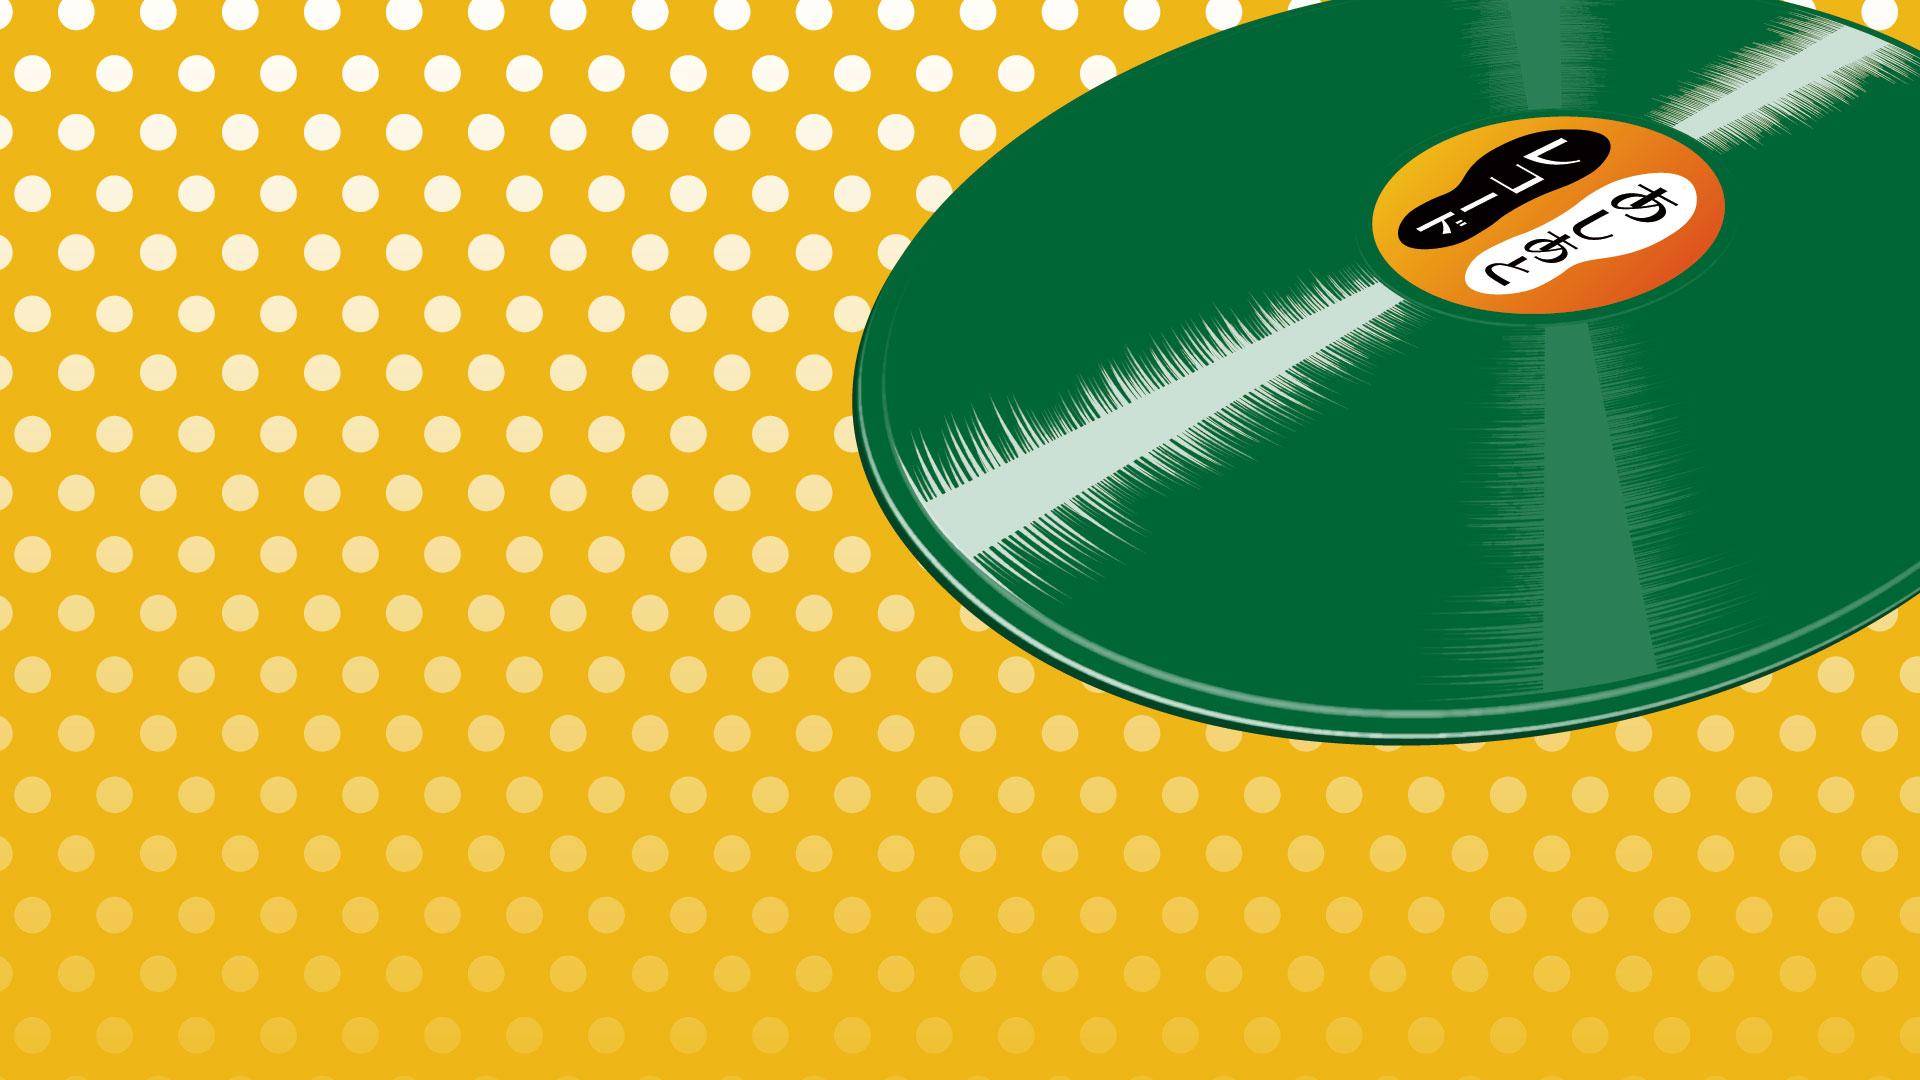 003-あしあとレコードicon